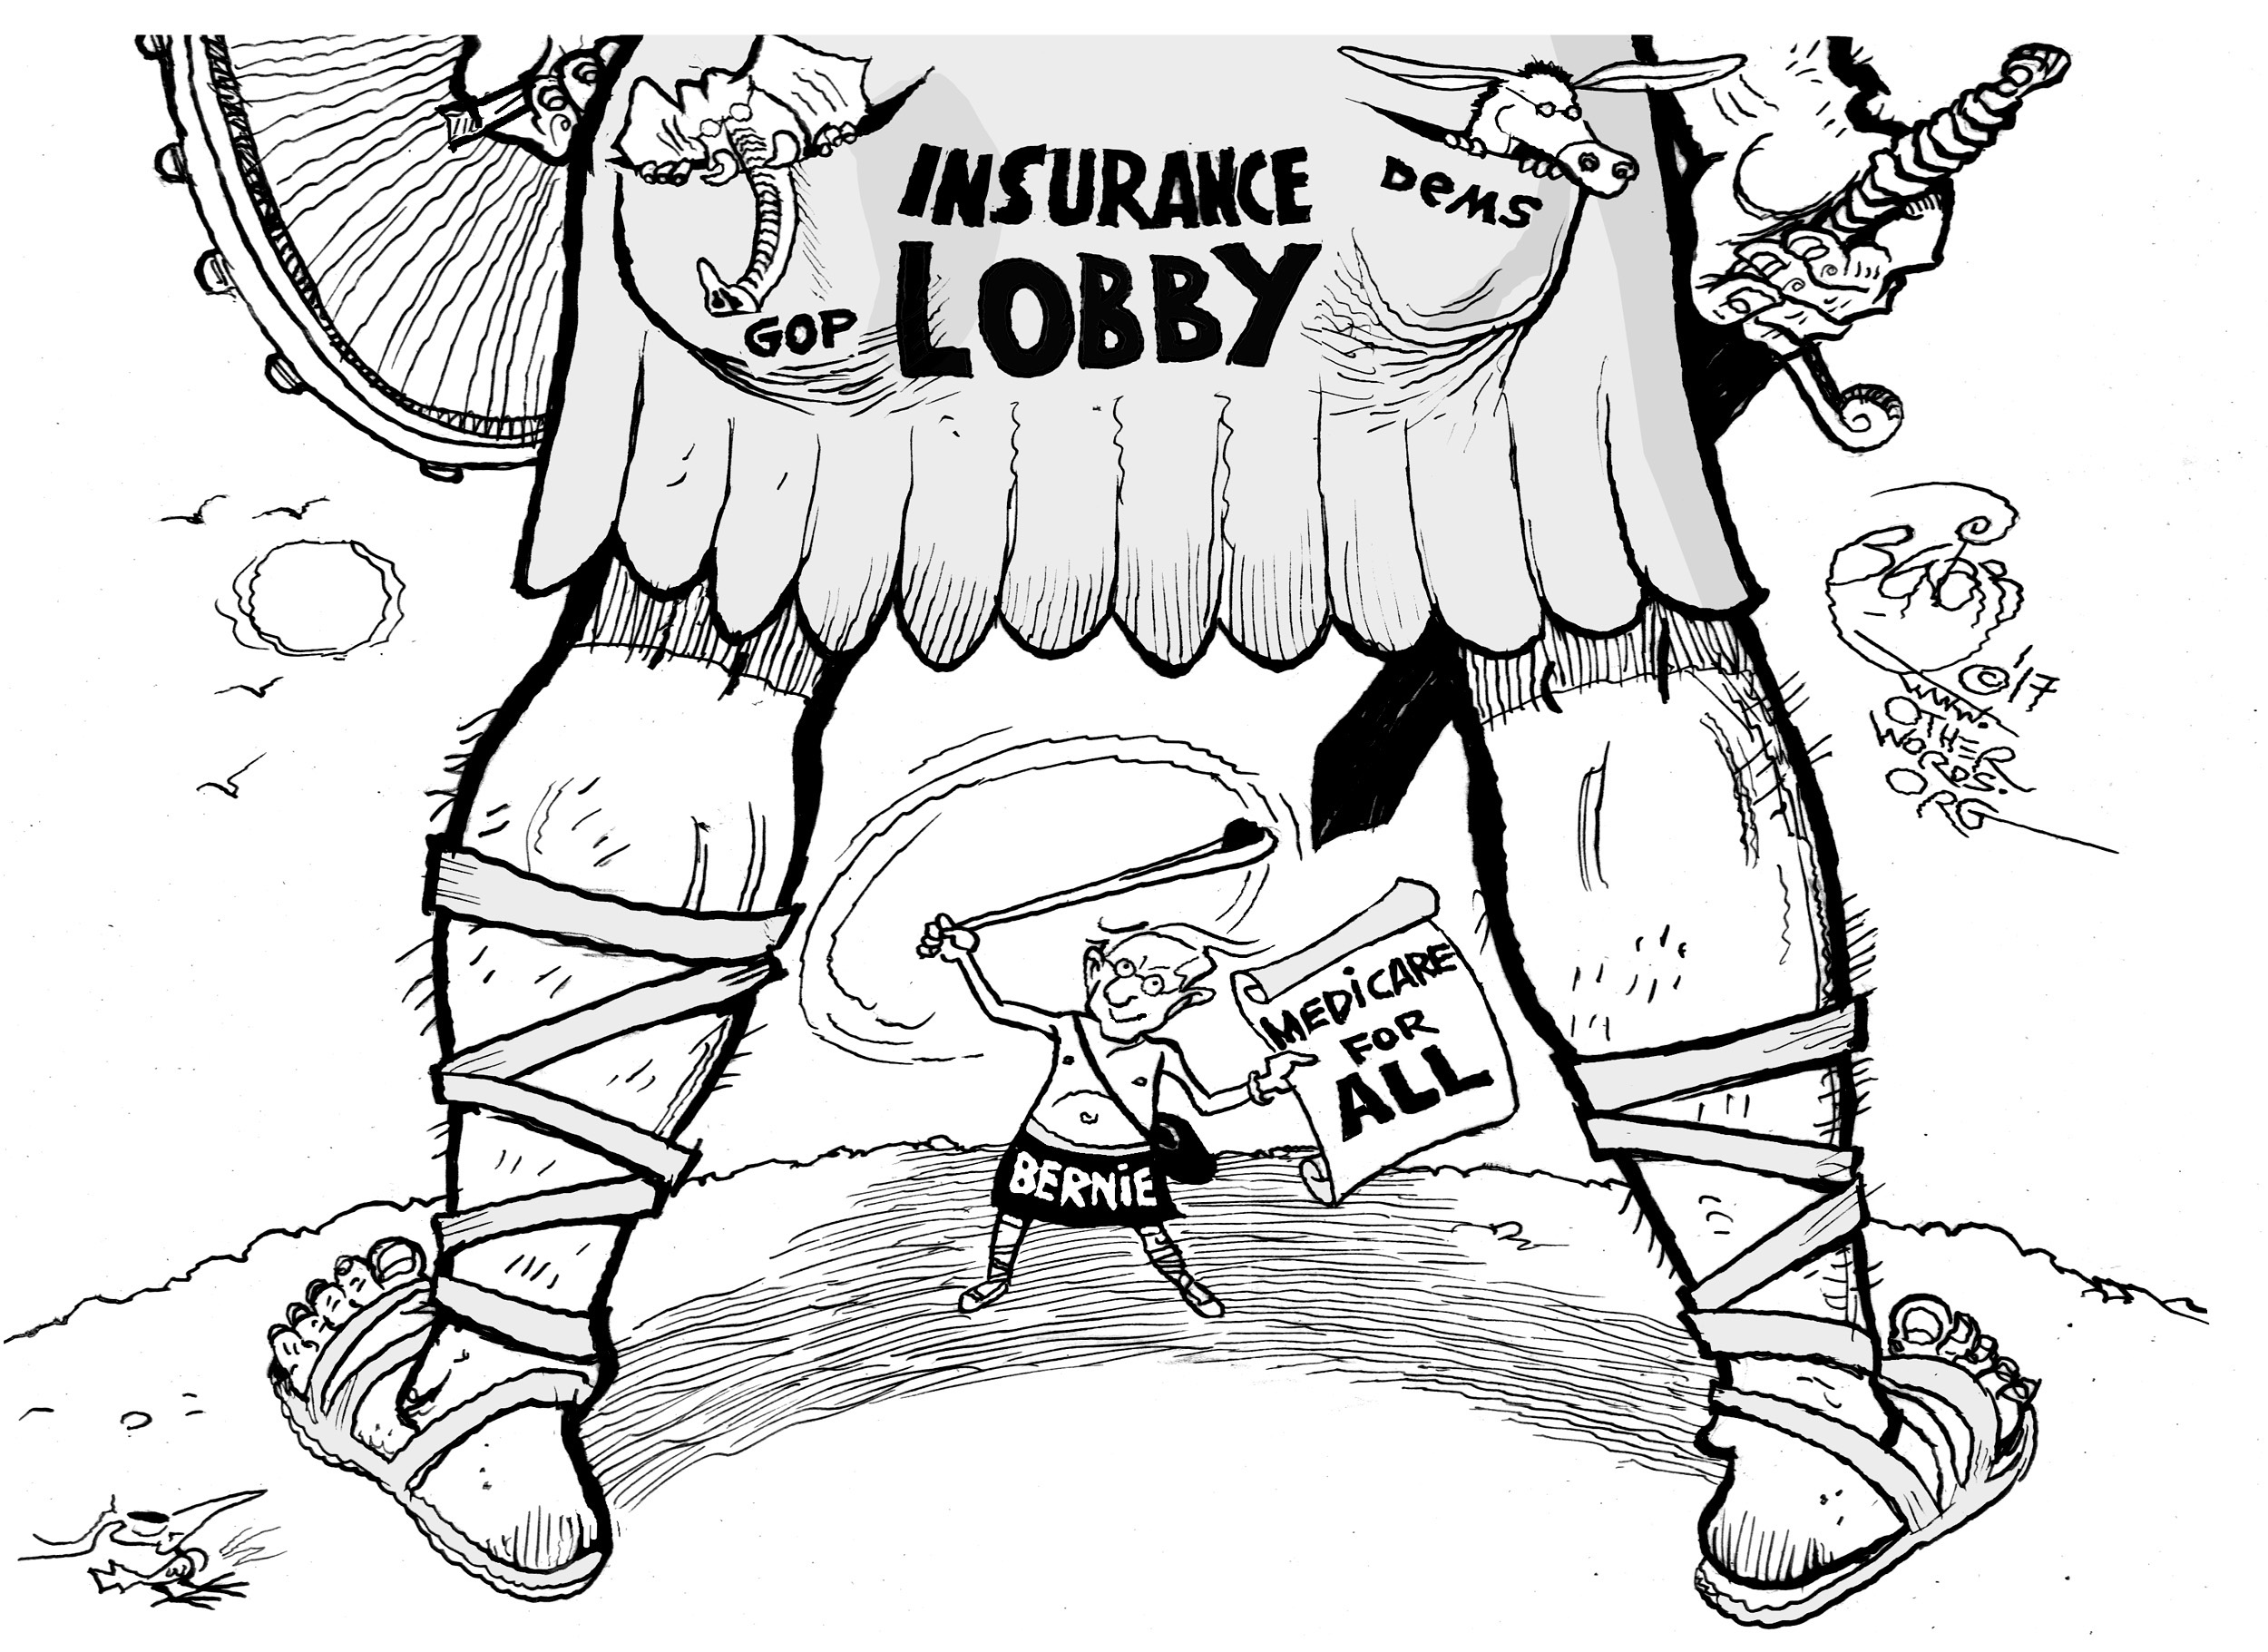 Bernie and Goliath